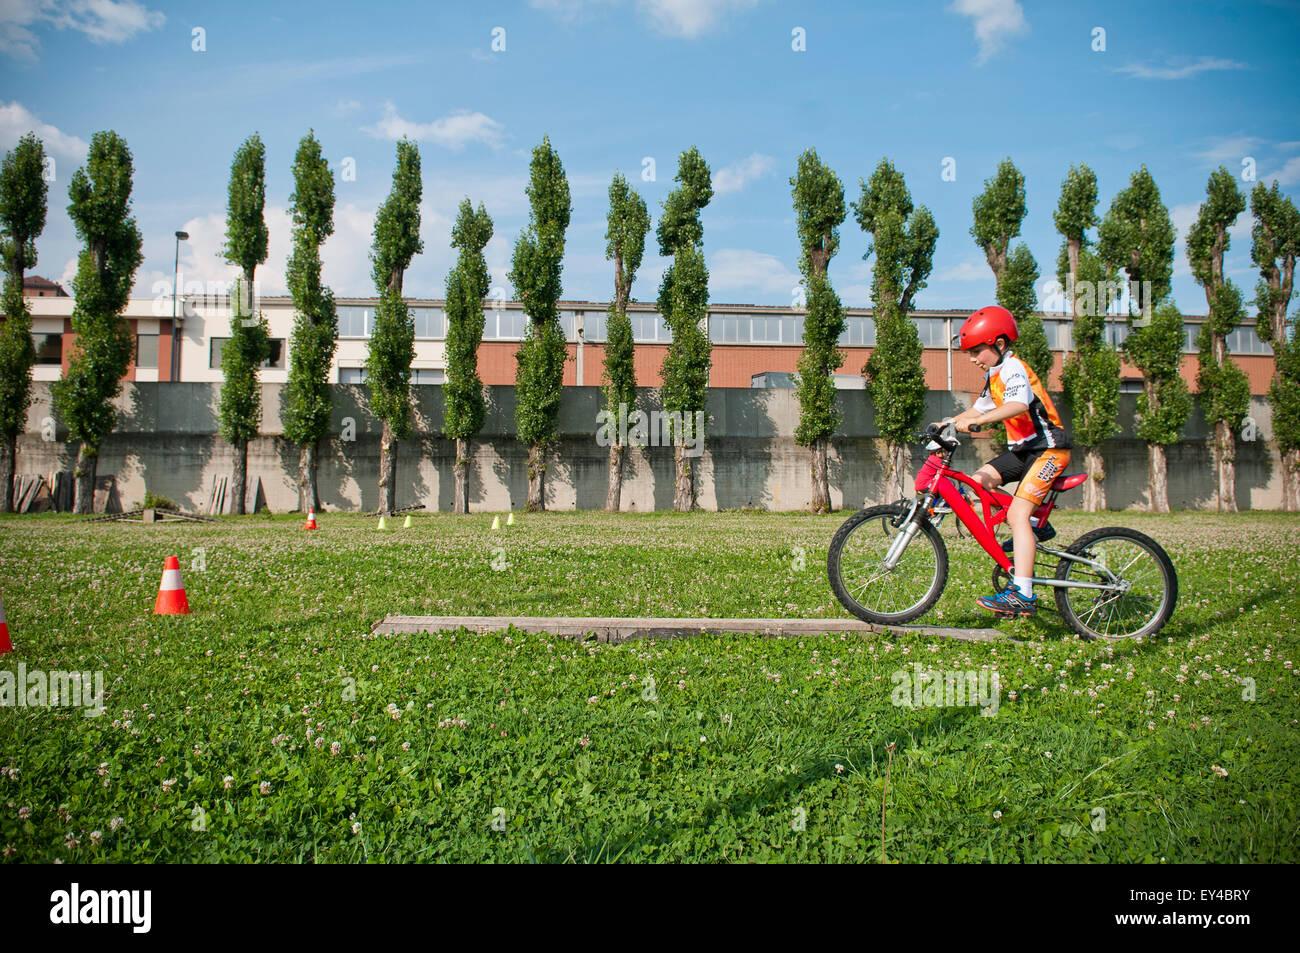 Boy Riding Mountain Bike par parcours Photo Stock